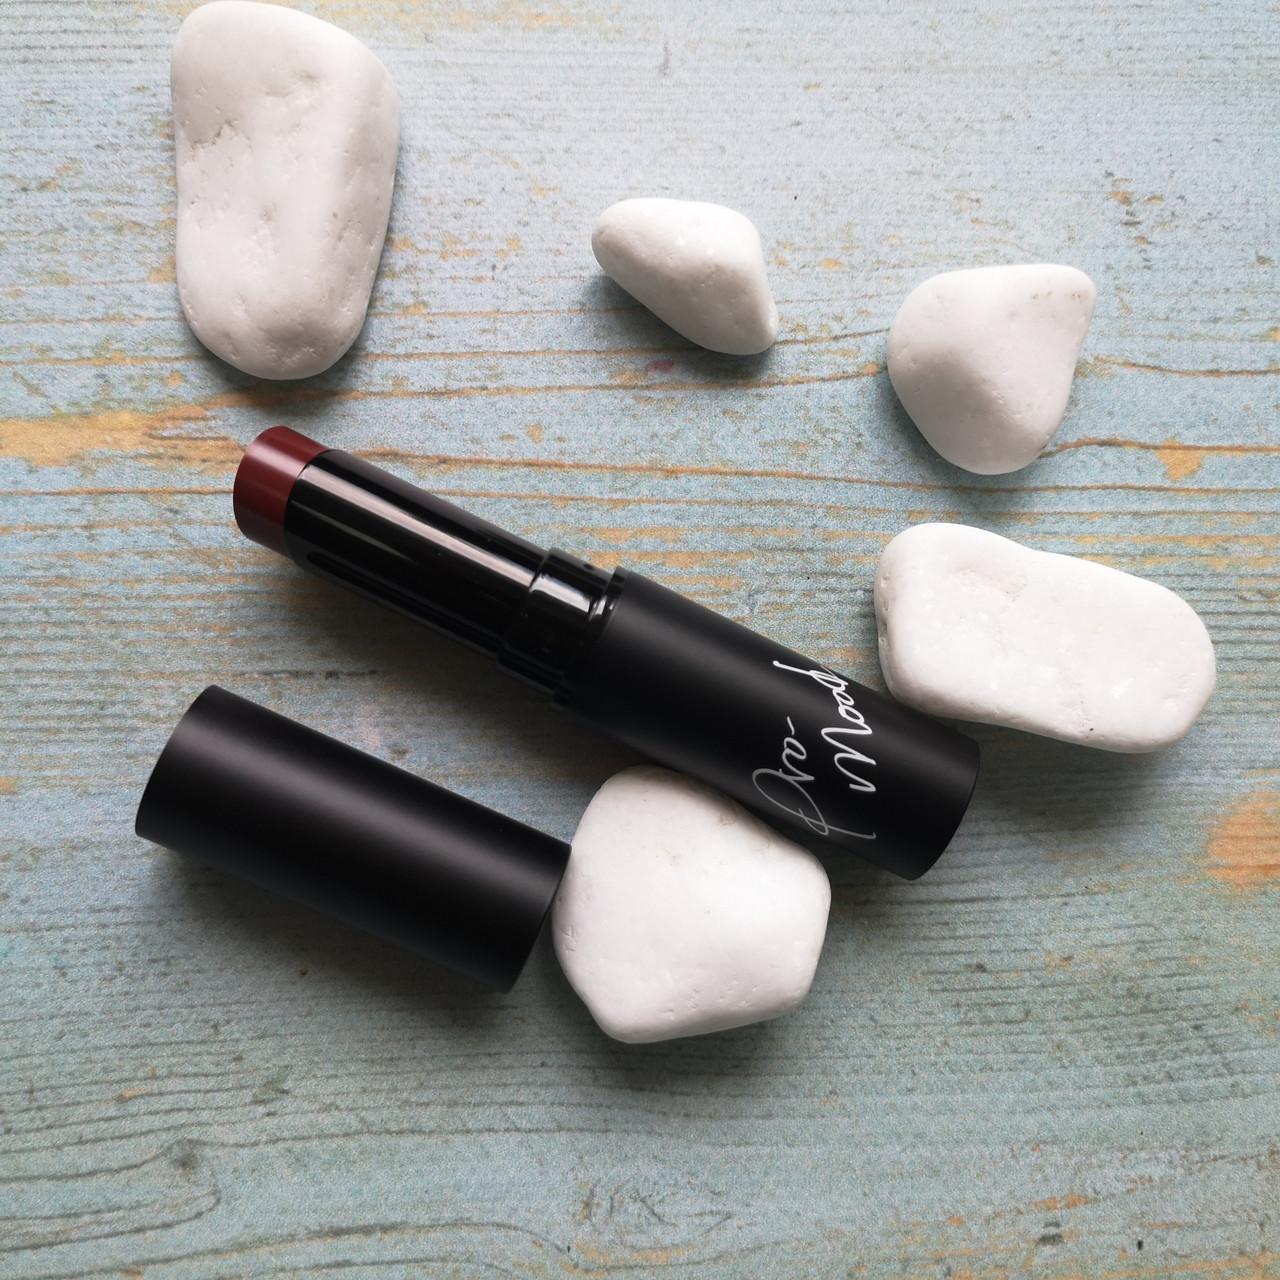 Ottie Матовая губная помада 07 Bloody wine Promood Lipstick Cashmere Matte